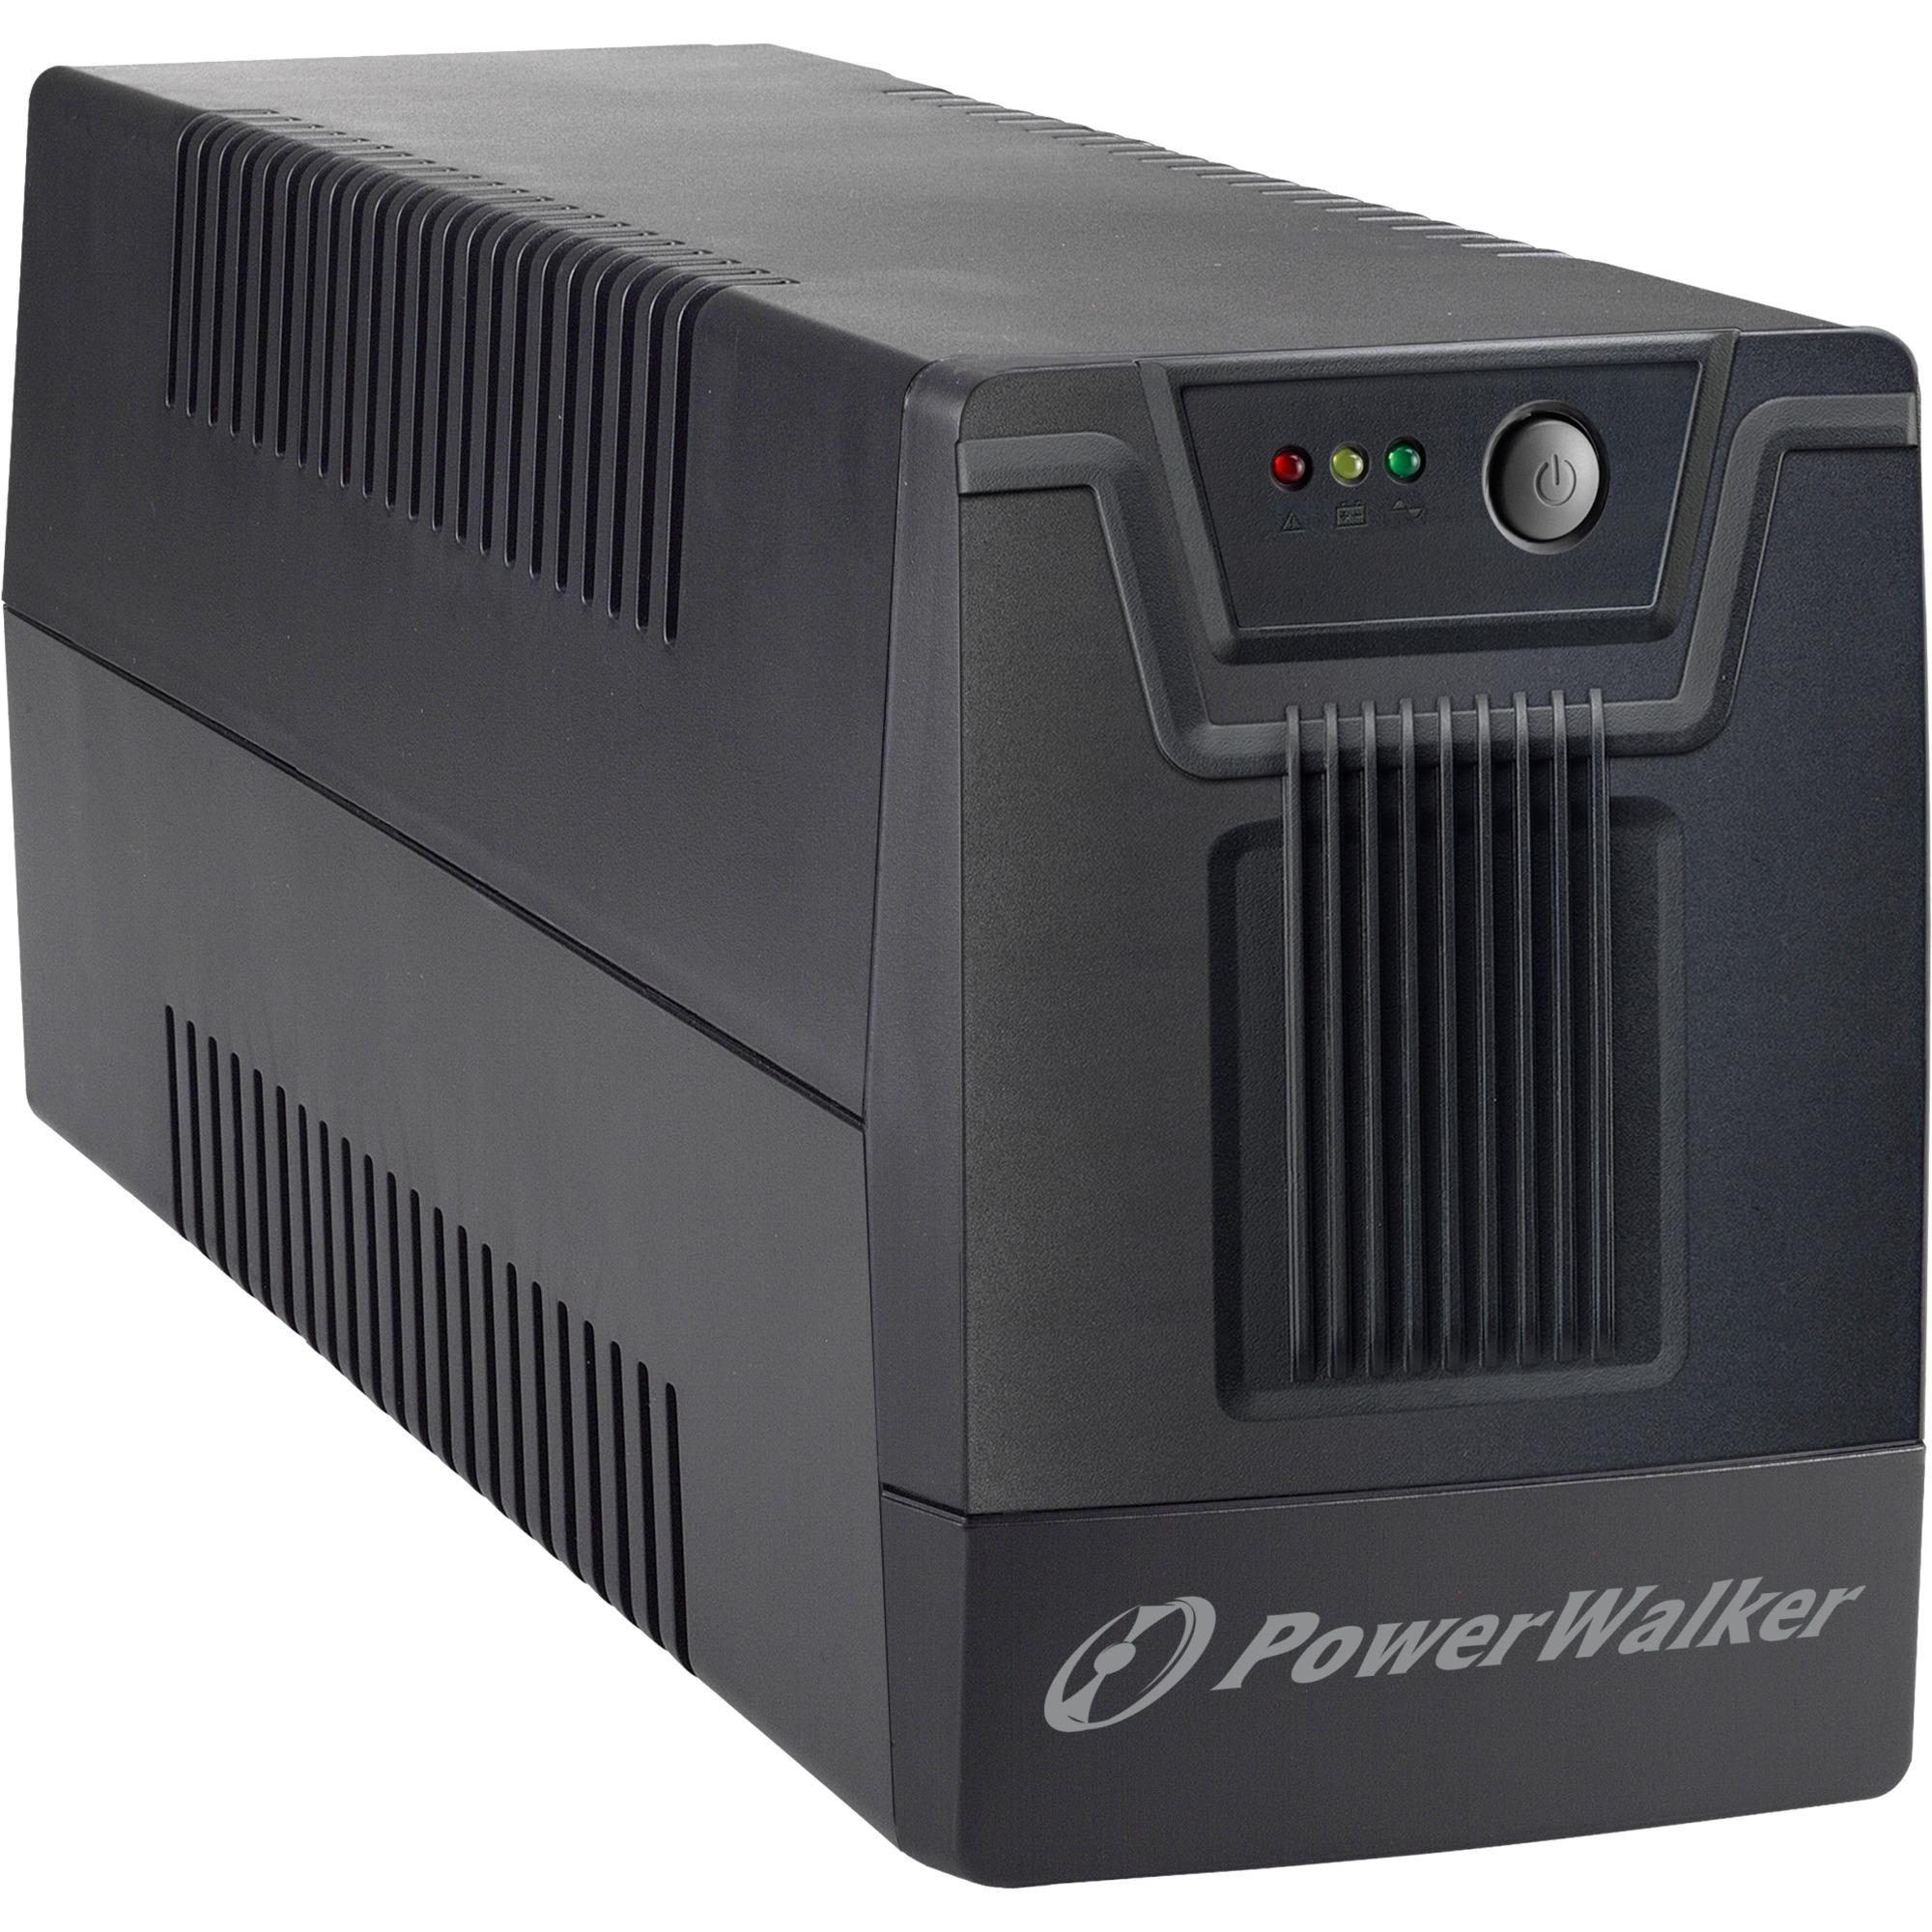 10121027 sistema de alimentación ininterrumpida (UPS) 1500 VA 4 salidas AC Línea interactiva